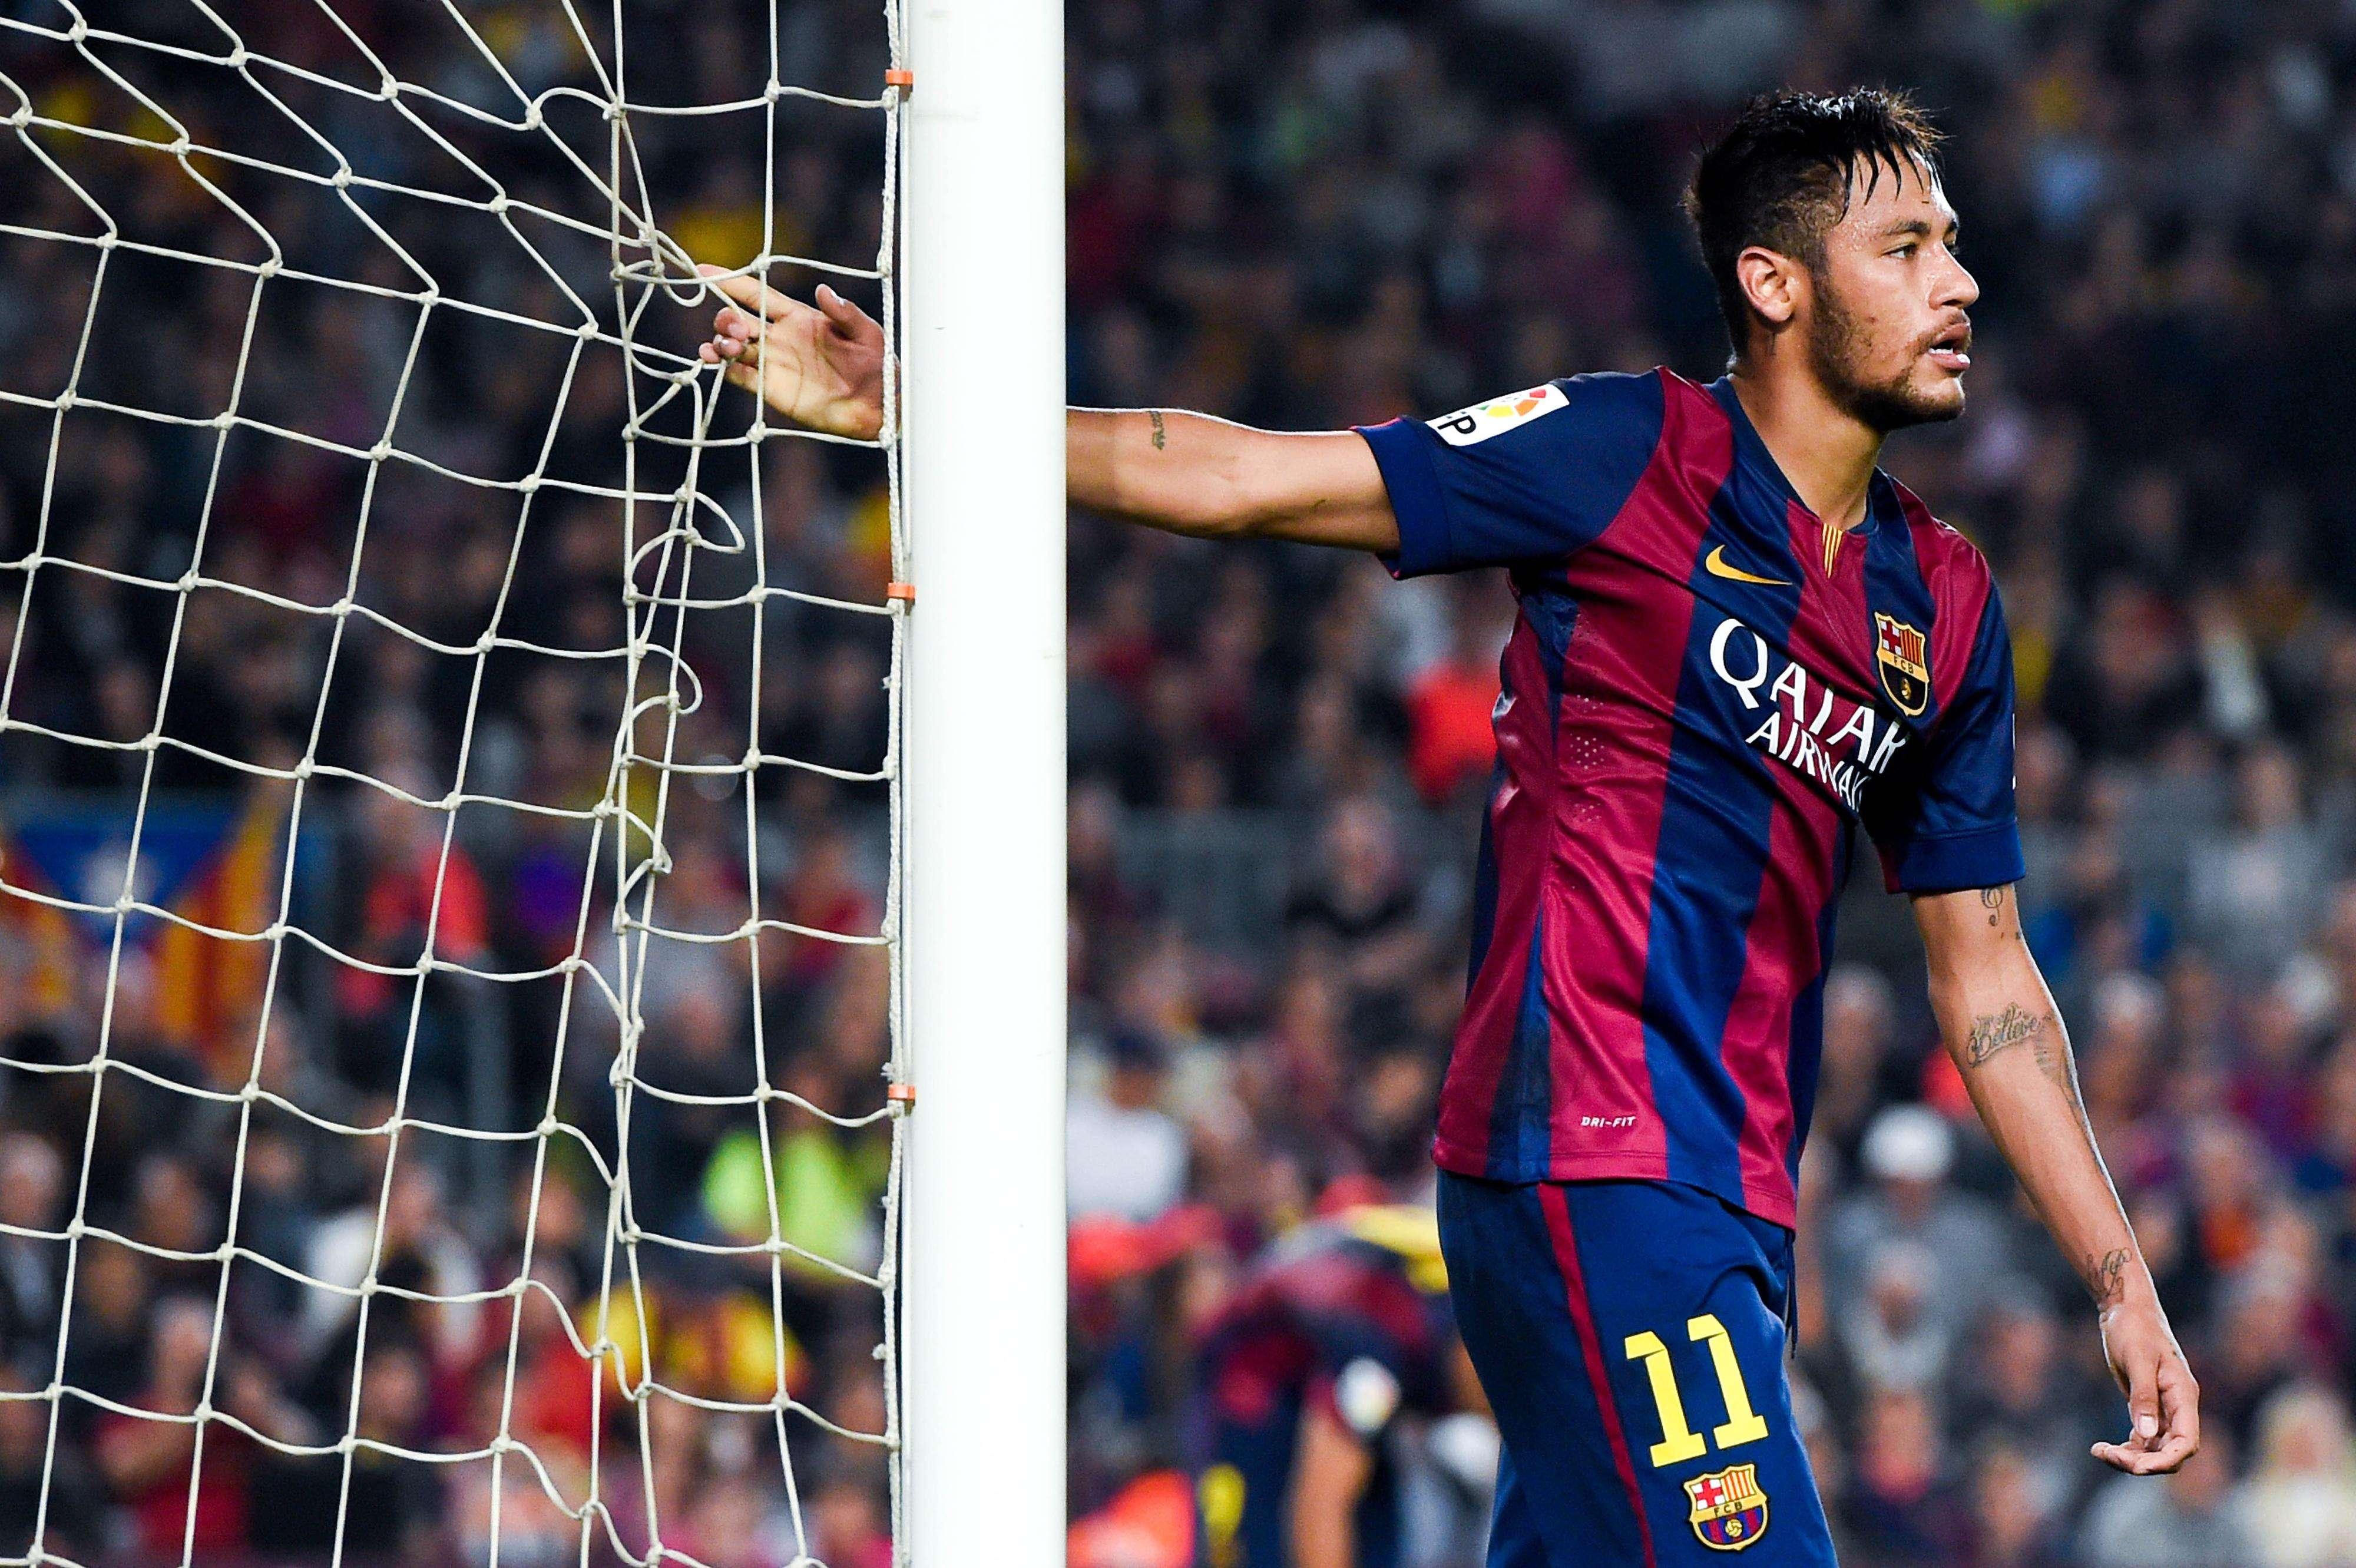 El Barcelona quiere renovar el contrato de Neymar hasta 2020. Foto: Getty Images